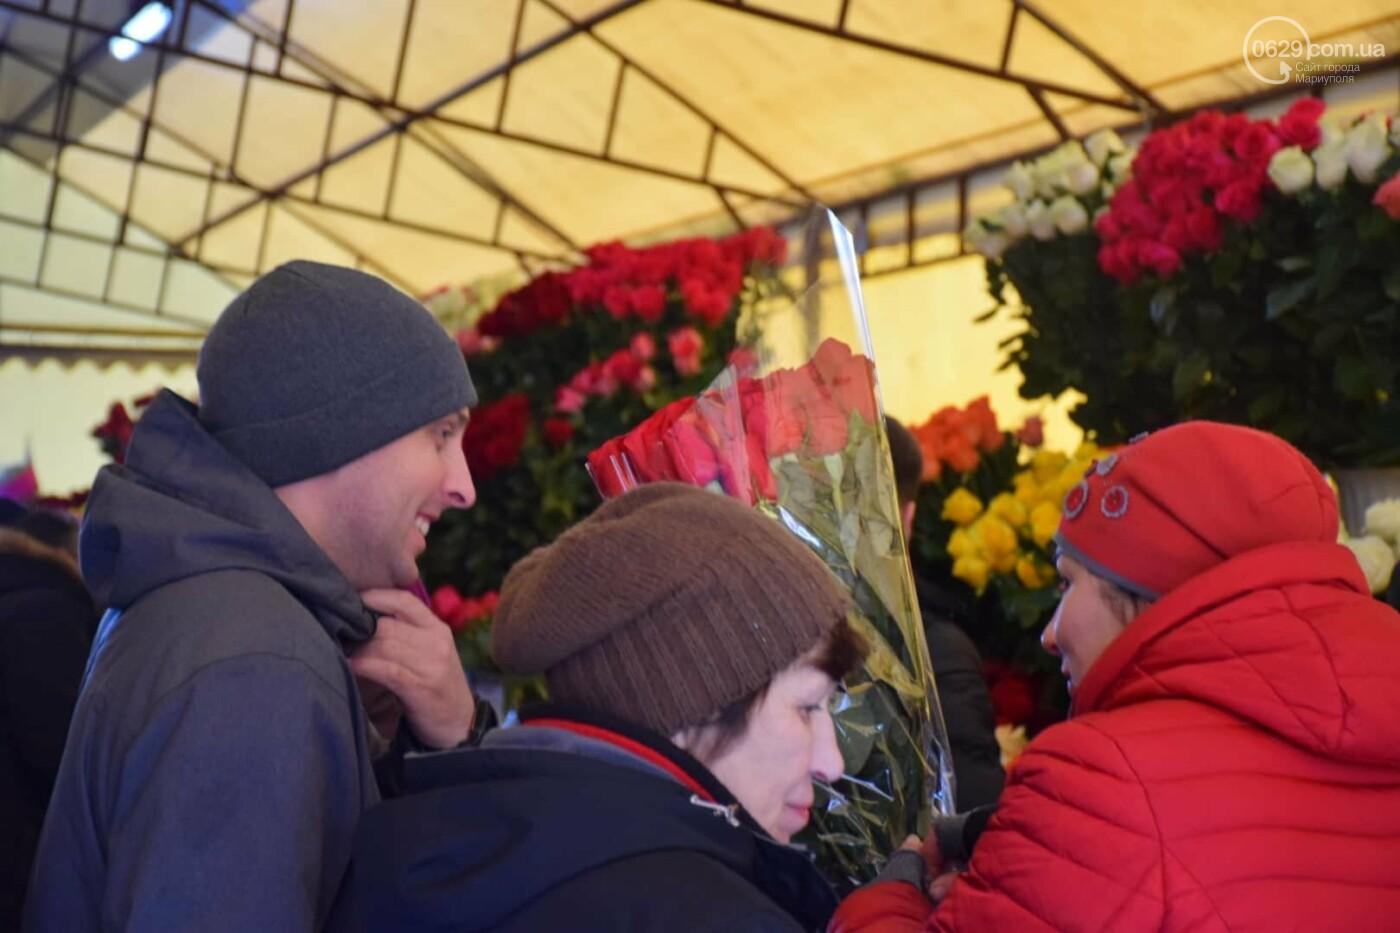 День Святого Валентина в Мариуполе: цветы, шары и мужчины-романтики, - ФОТОРЕПОРТАЖ, фото-4